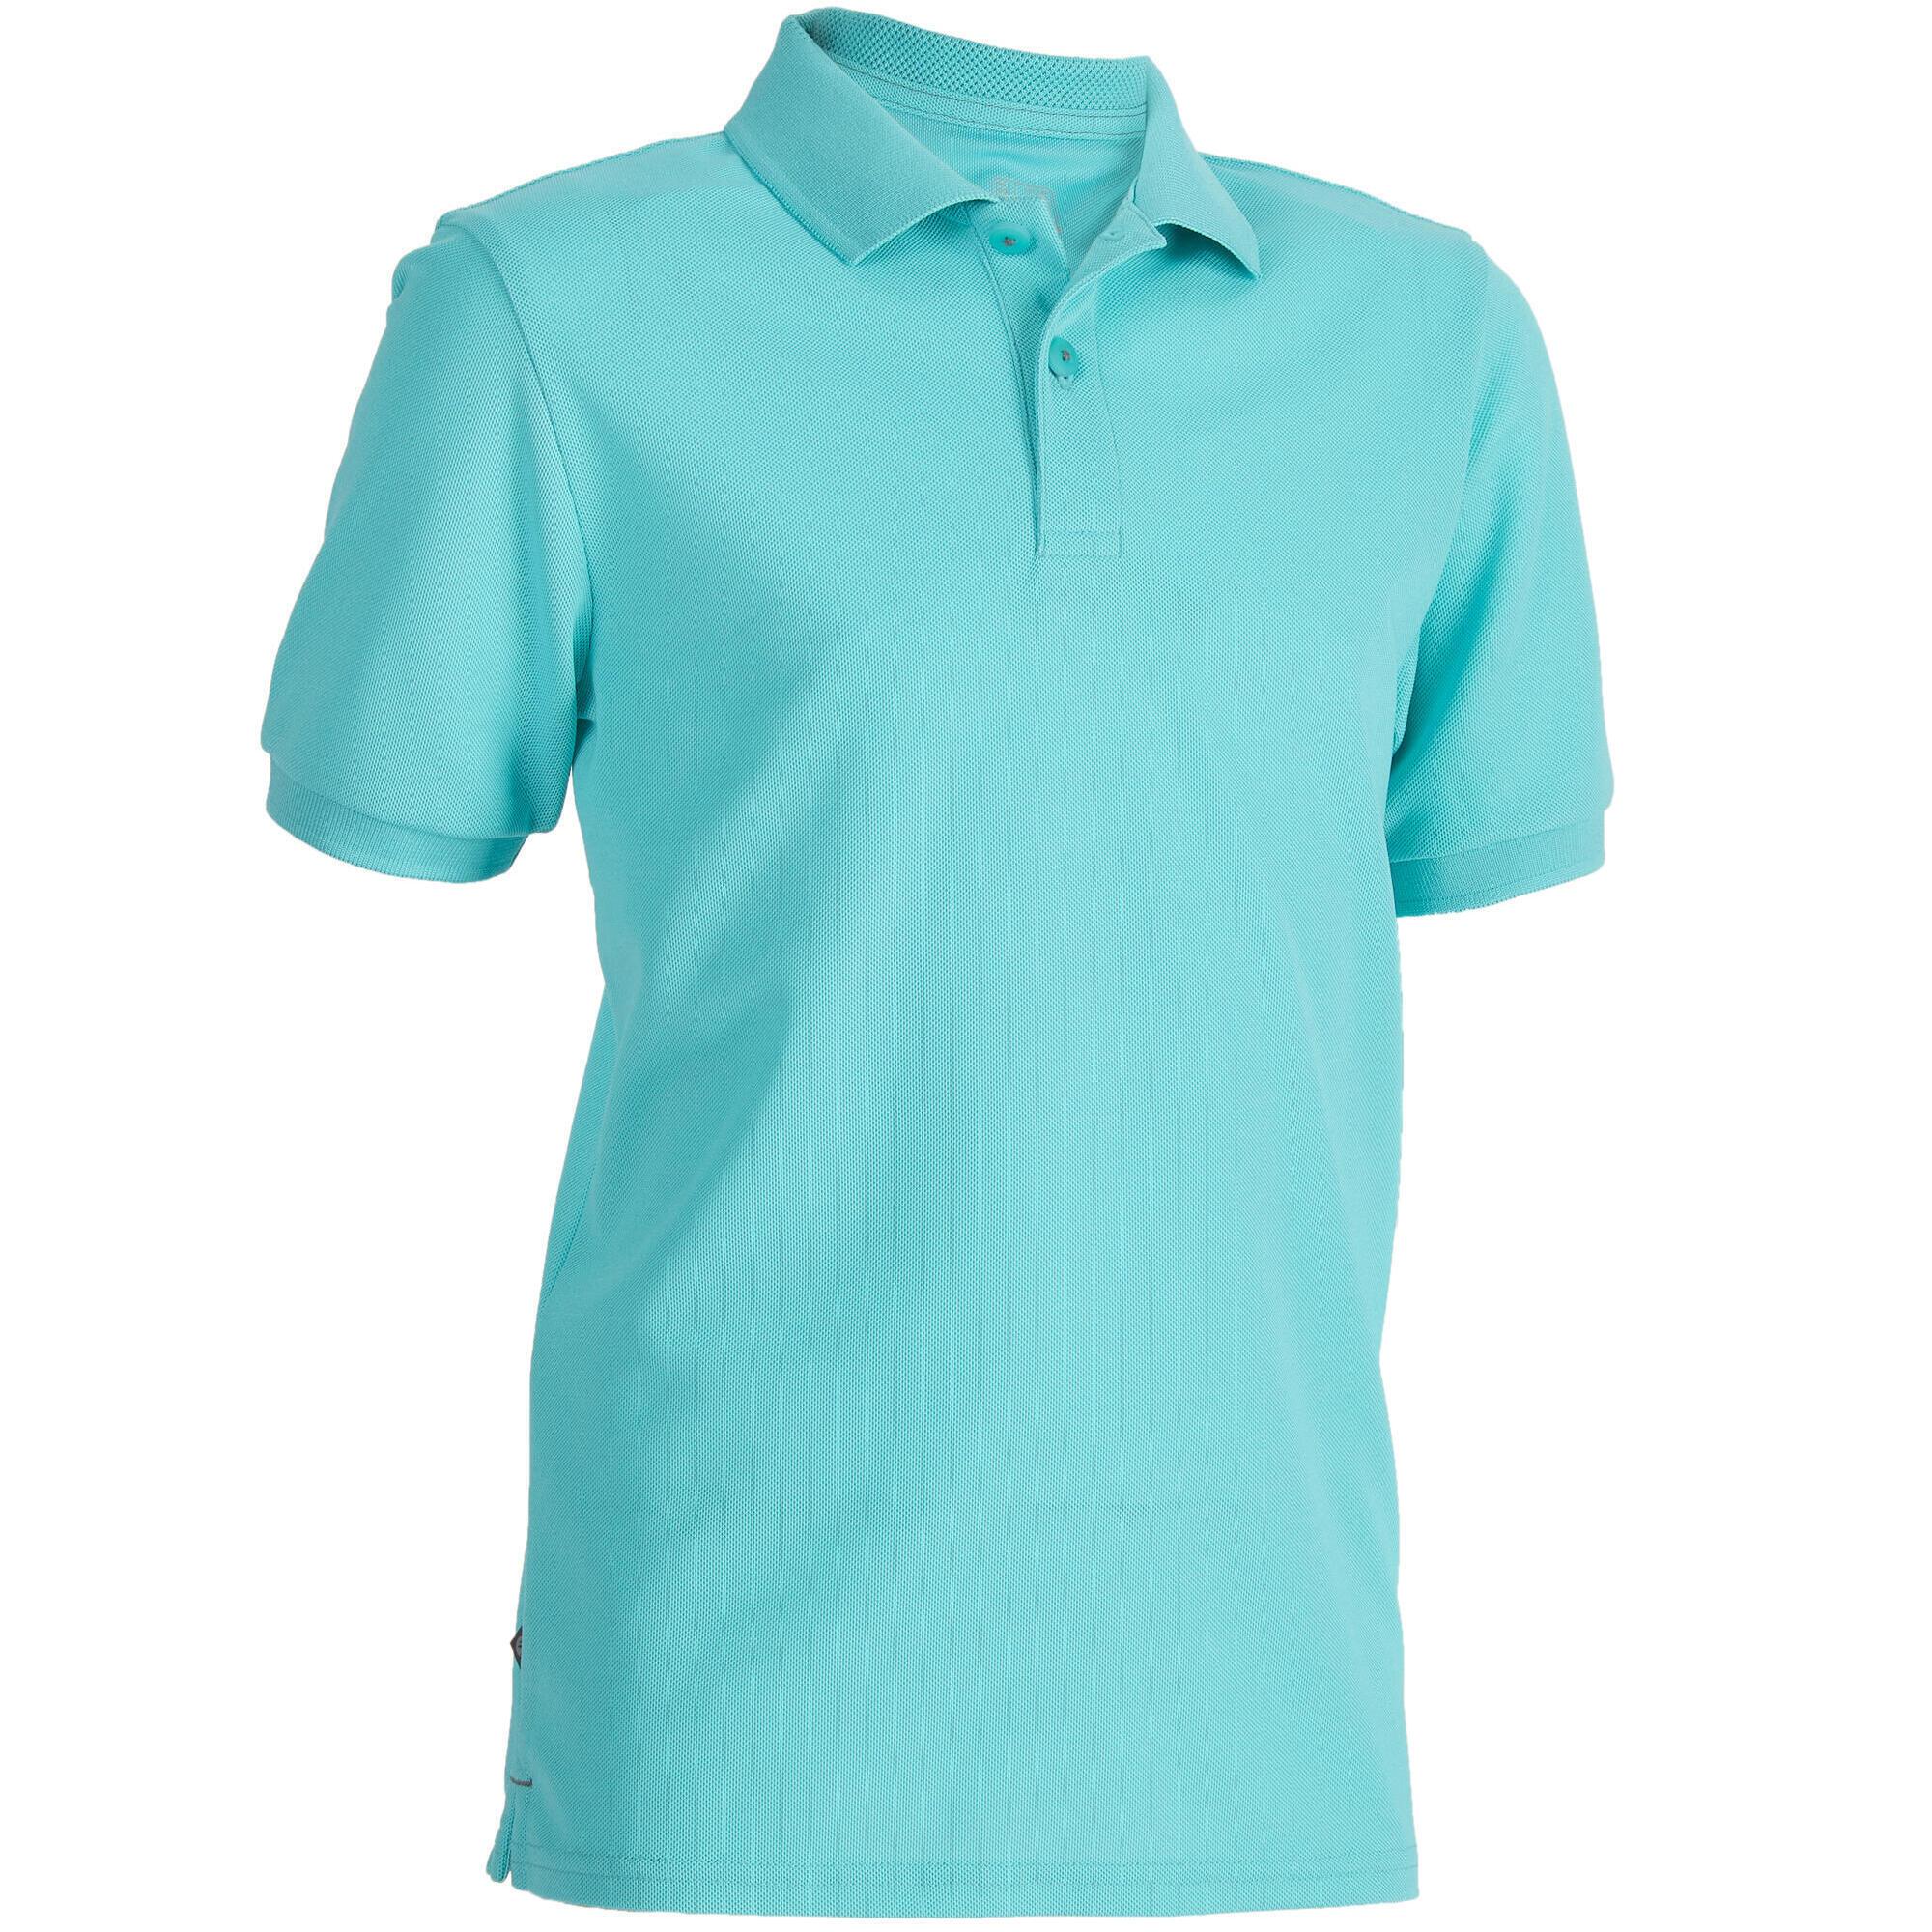 Golfkleding kopen met voordeel